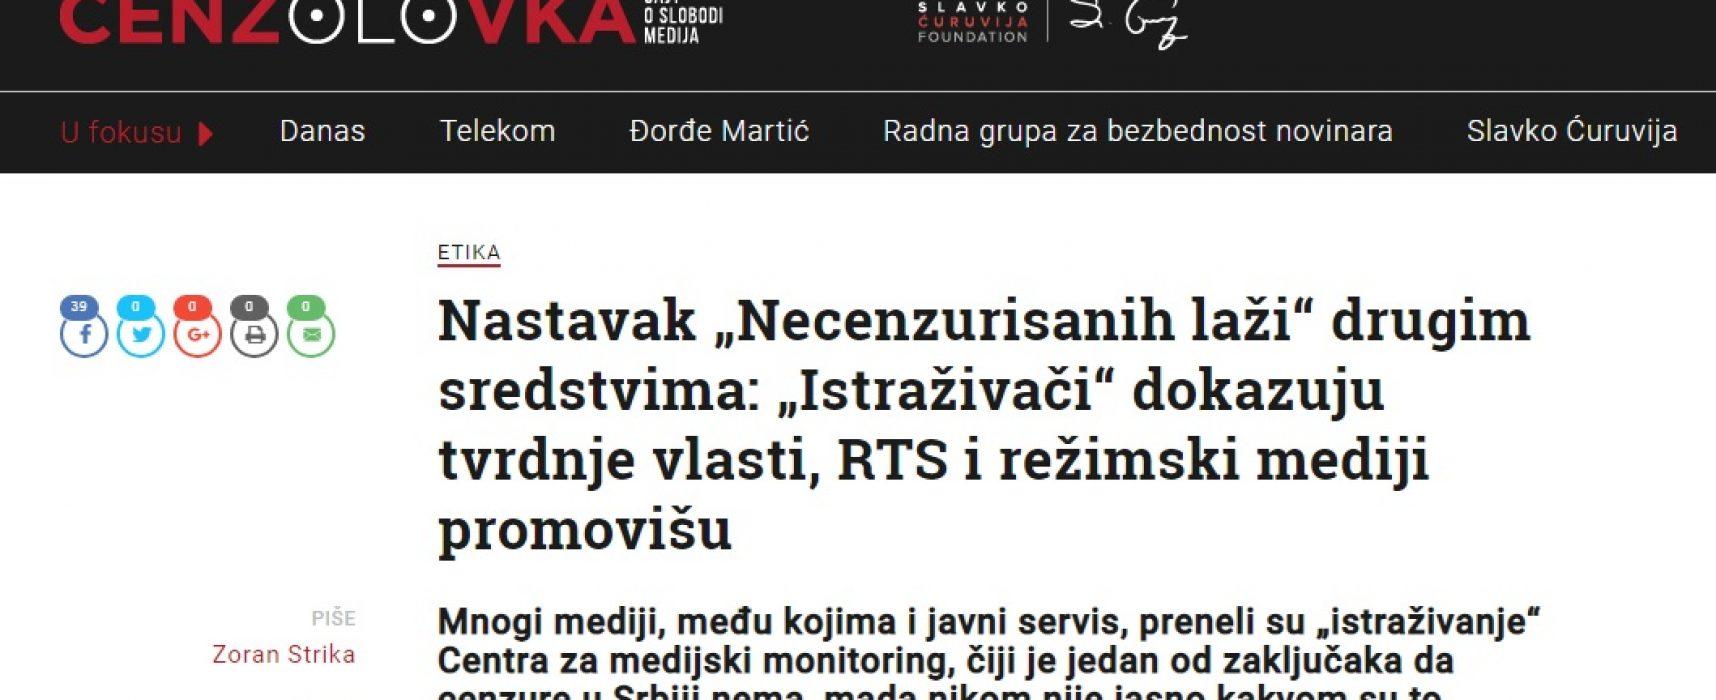 """Nastavak """"Necenzurisanih laži"""" drugim sredstvima: """"Istraživači"""" dokazuju tvrdnje vlasti, RTS i režimski mediji promovišu"""